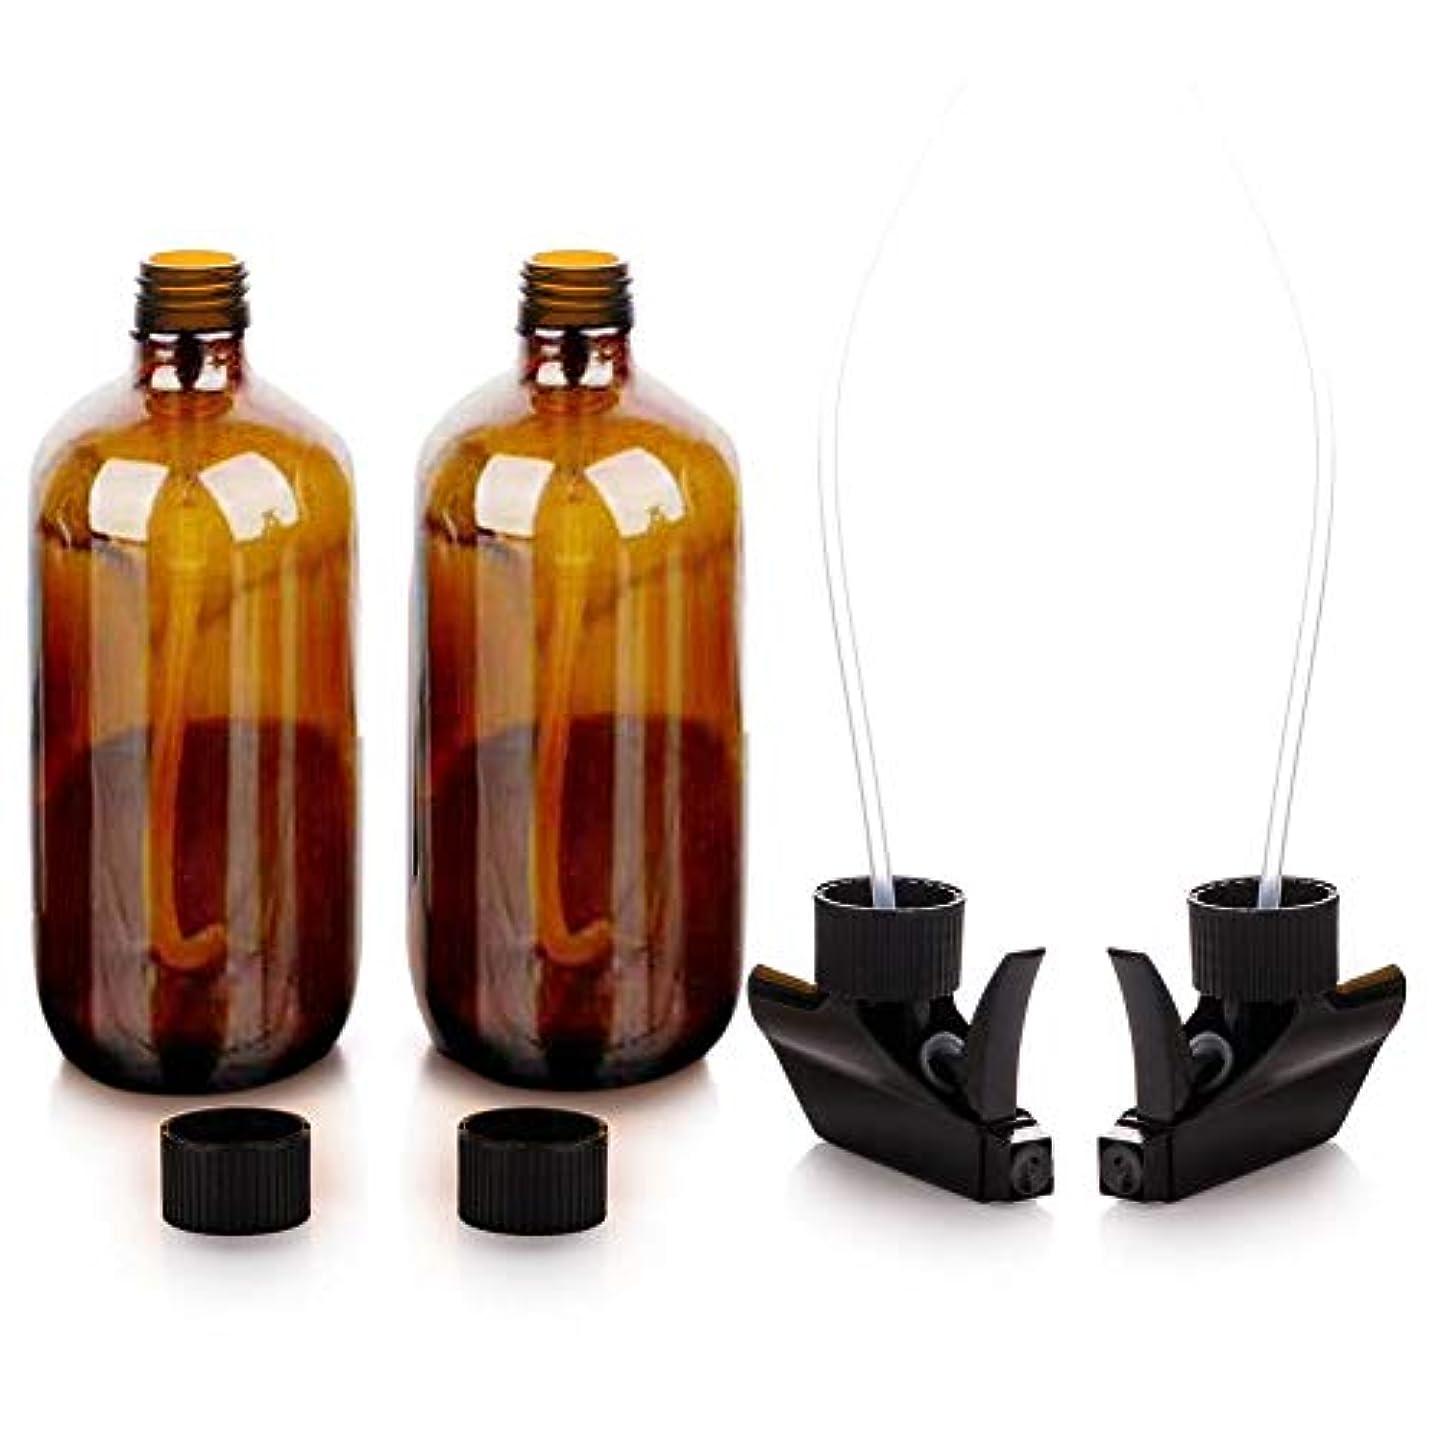 上下する勝者敬意を表するスプレーボトル 遮光瓶 ガラス 微細 ミスト噴霧器 サロン理髪スプレー 植栽ツール 2ボトルキャップ付き 茶色